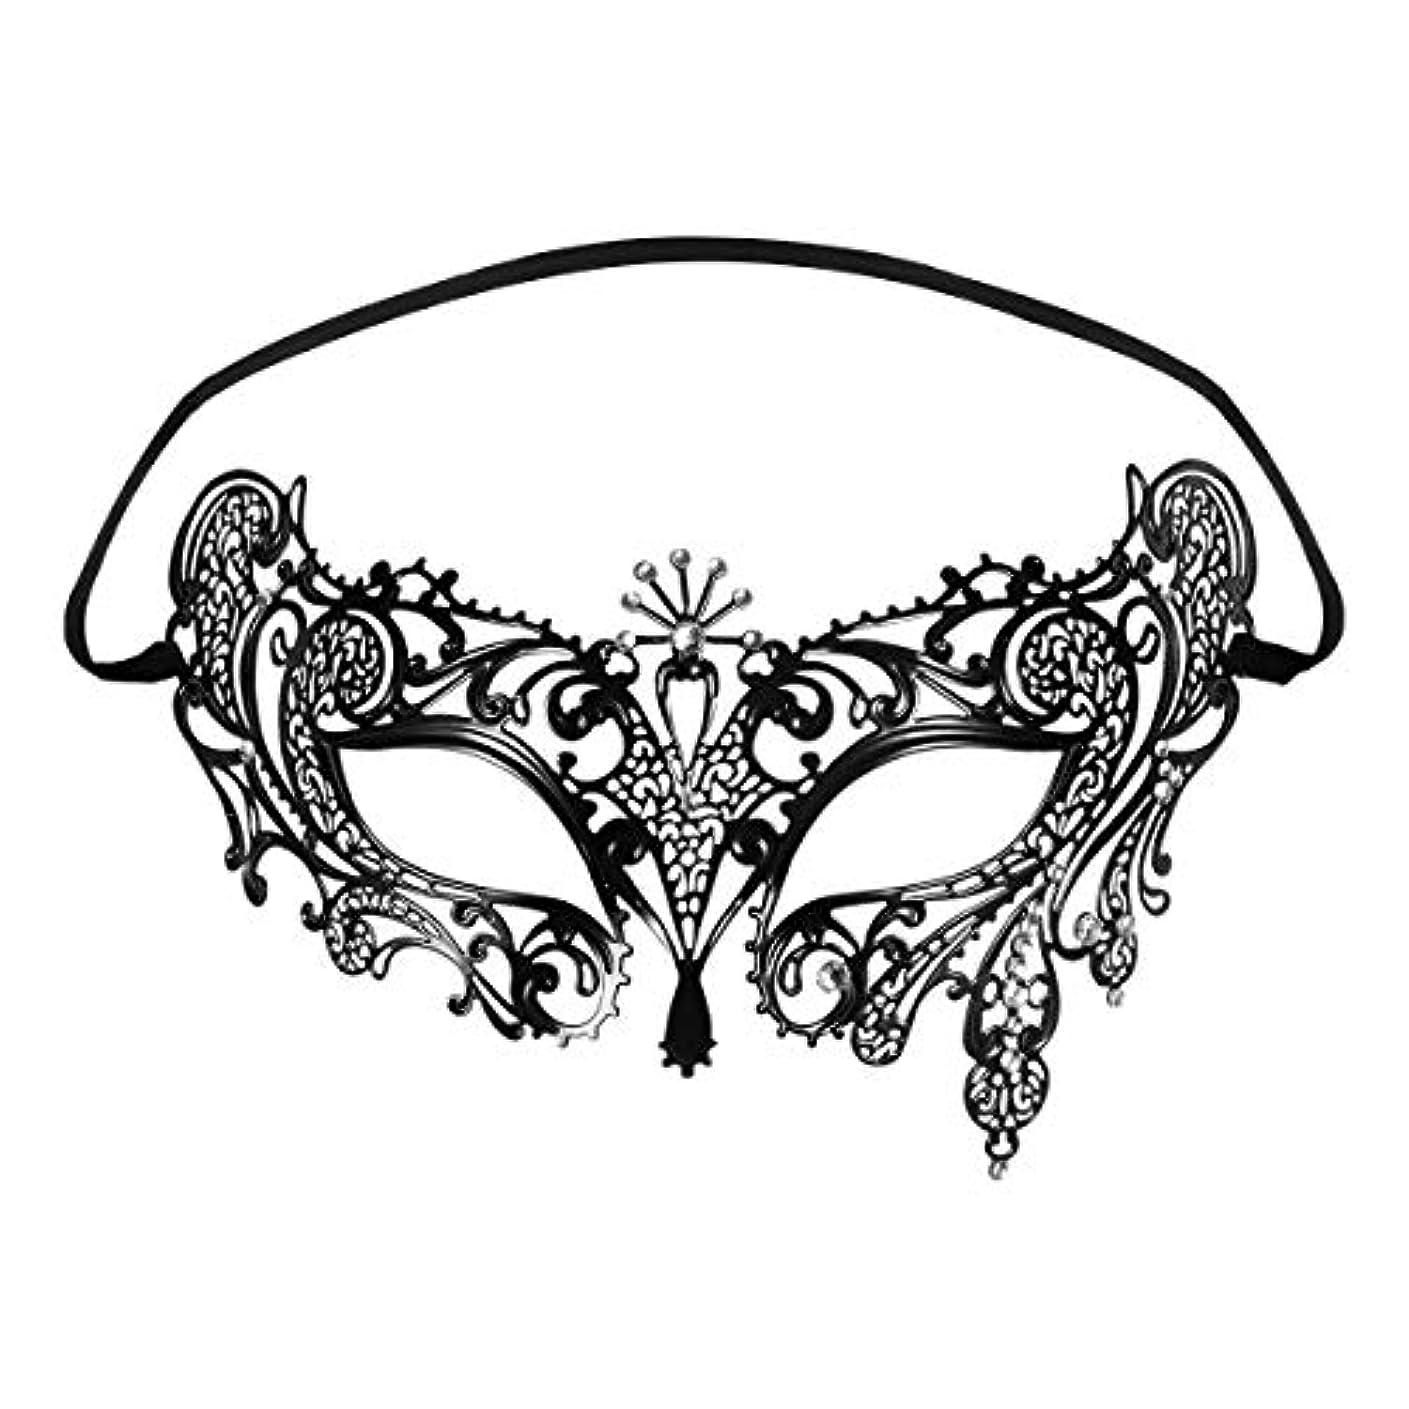 バット適合するタイトルFoxnovo Foxnovoファッション高級ベネチアンスタイルディアマンテメタルフィリグリー仮装用マスク結婚式/パーティー用(ブラック)